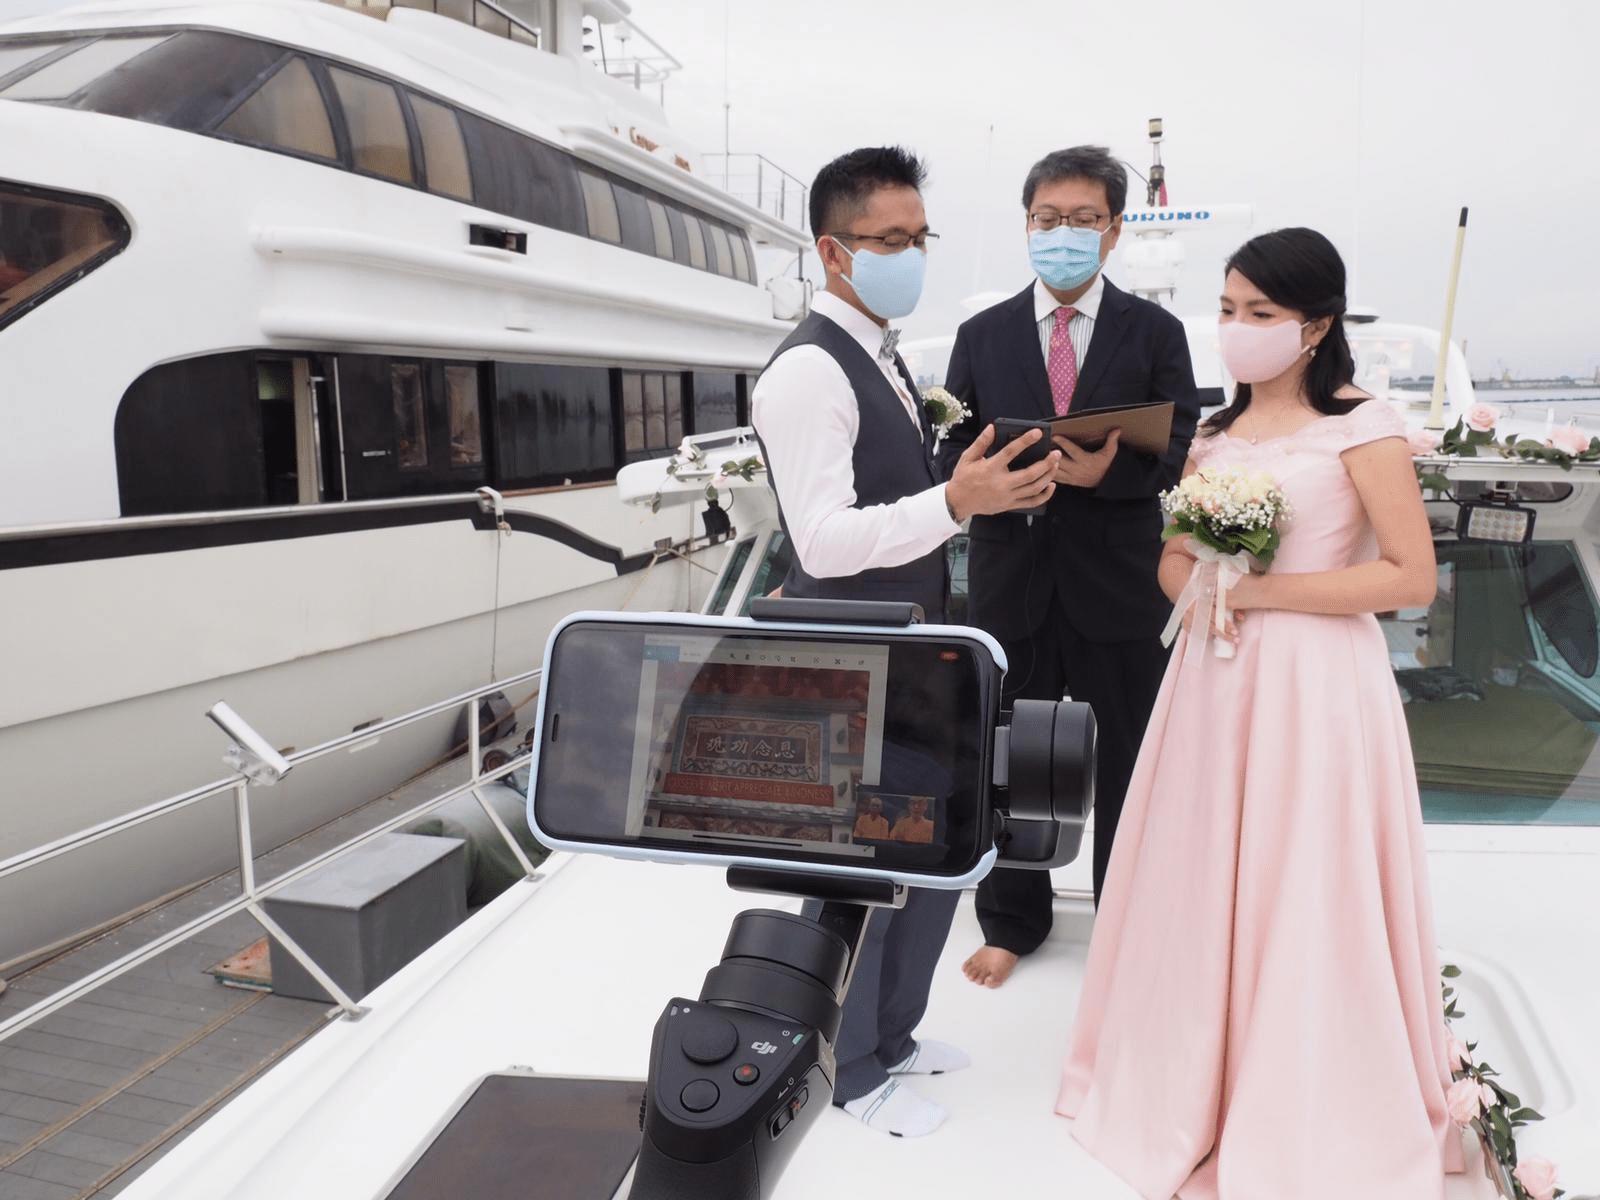 Singapore Yacht Solemnisation COVID-19 Wedding